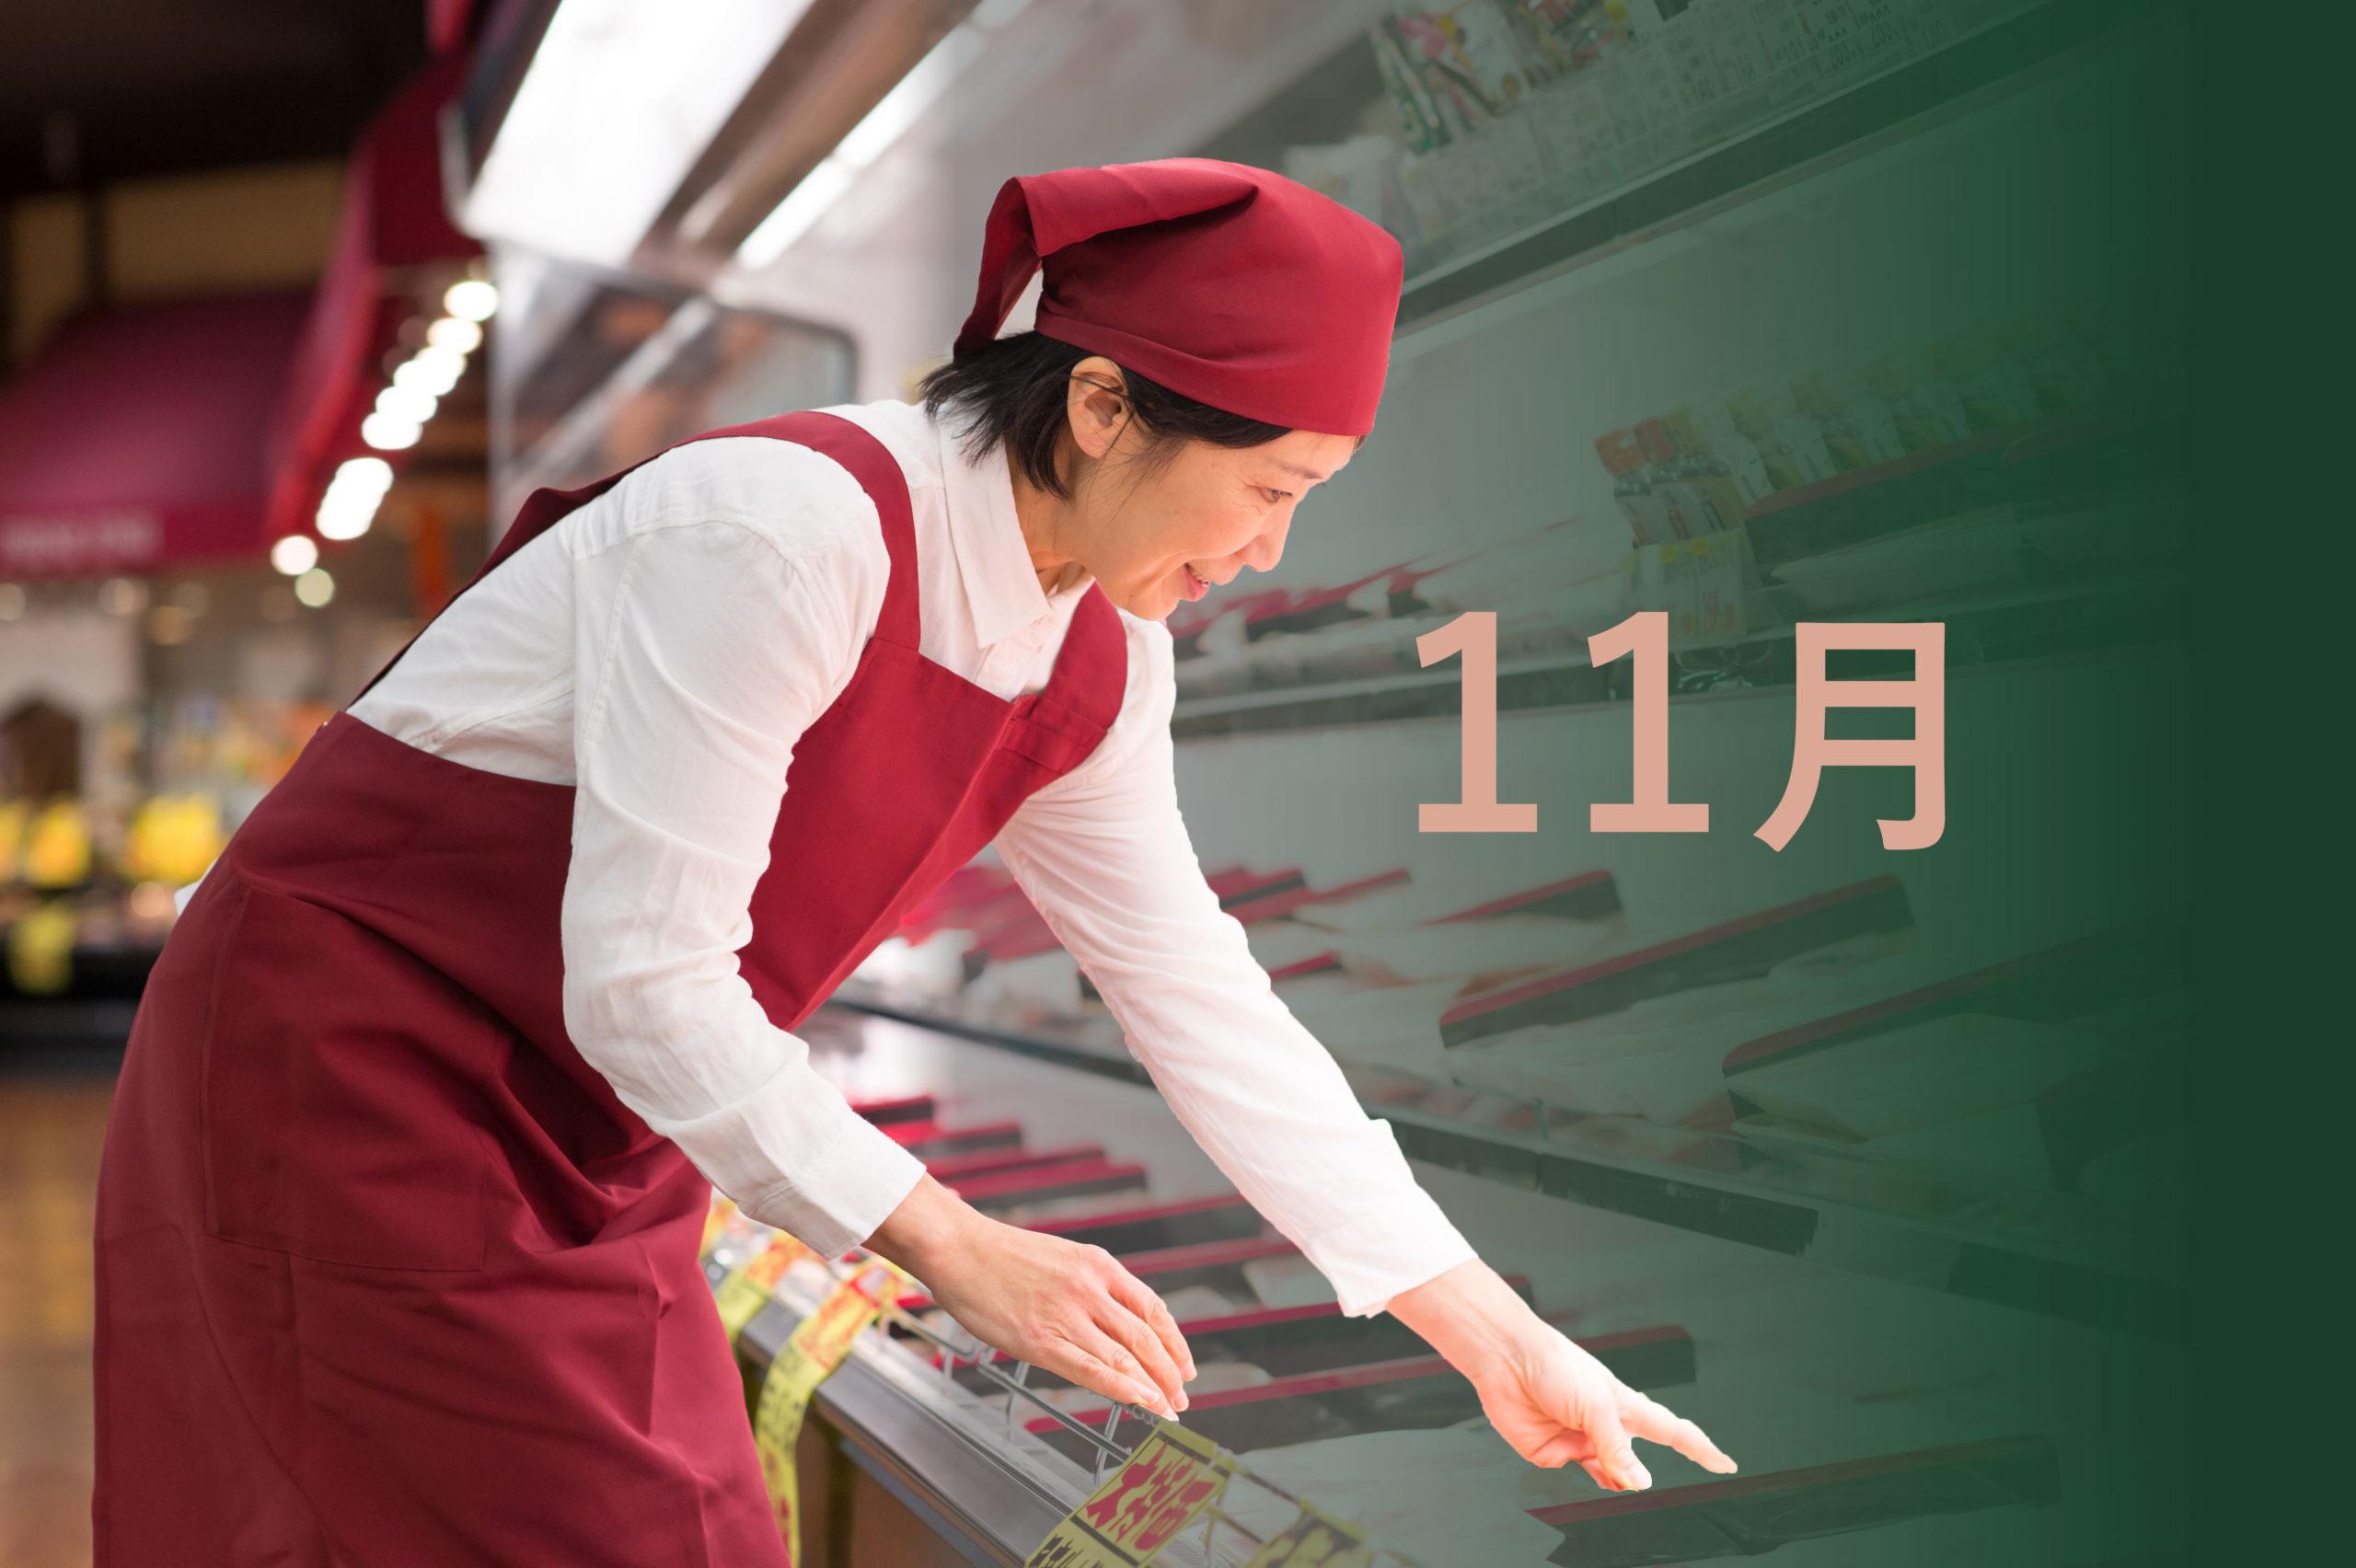 【主婦求人の平均時給 2020年11月】パート・アルバイト:『1,133円』、派遣:『1,324円』